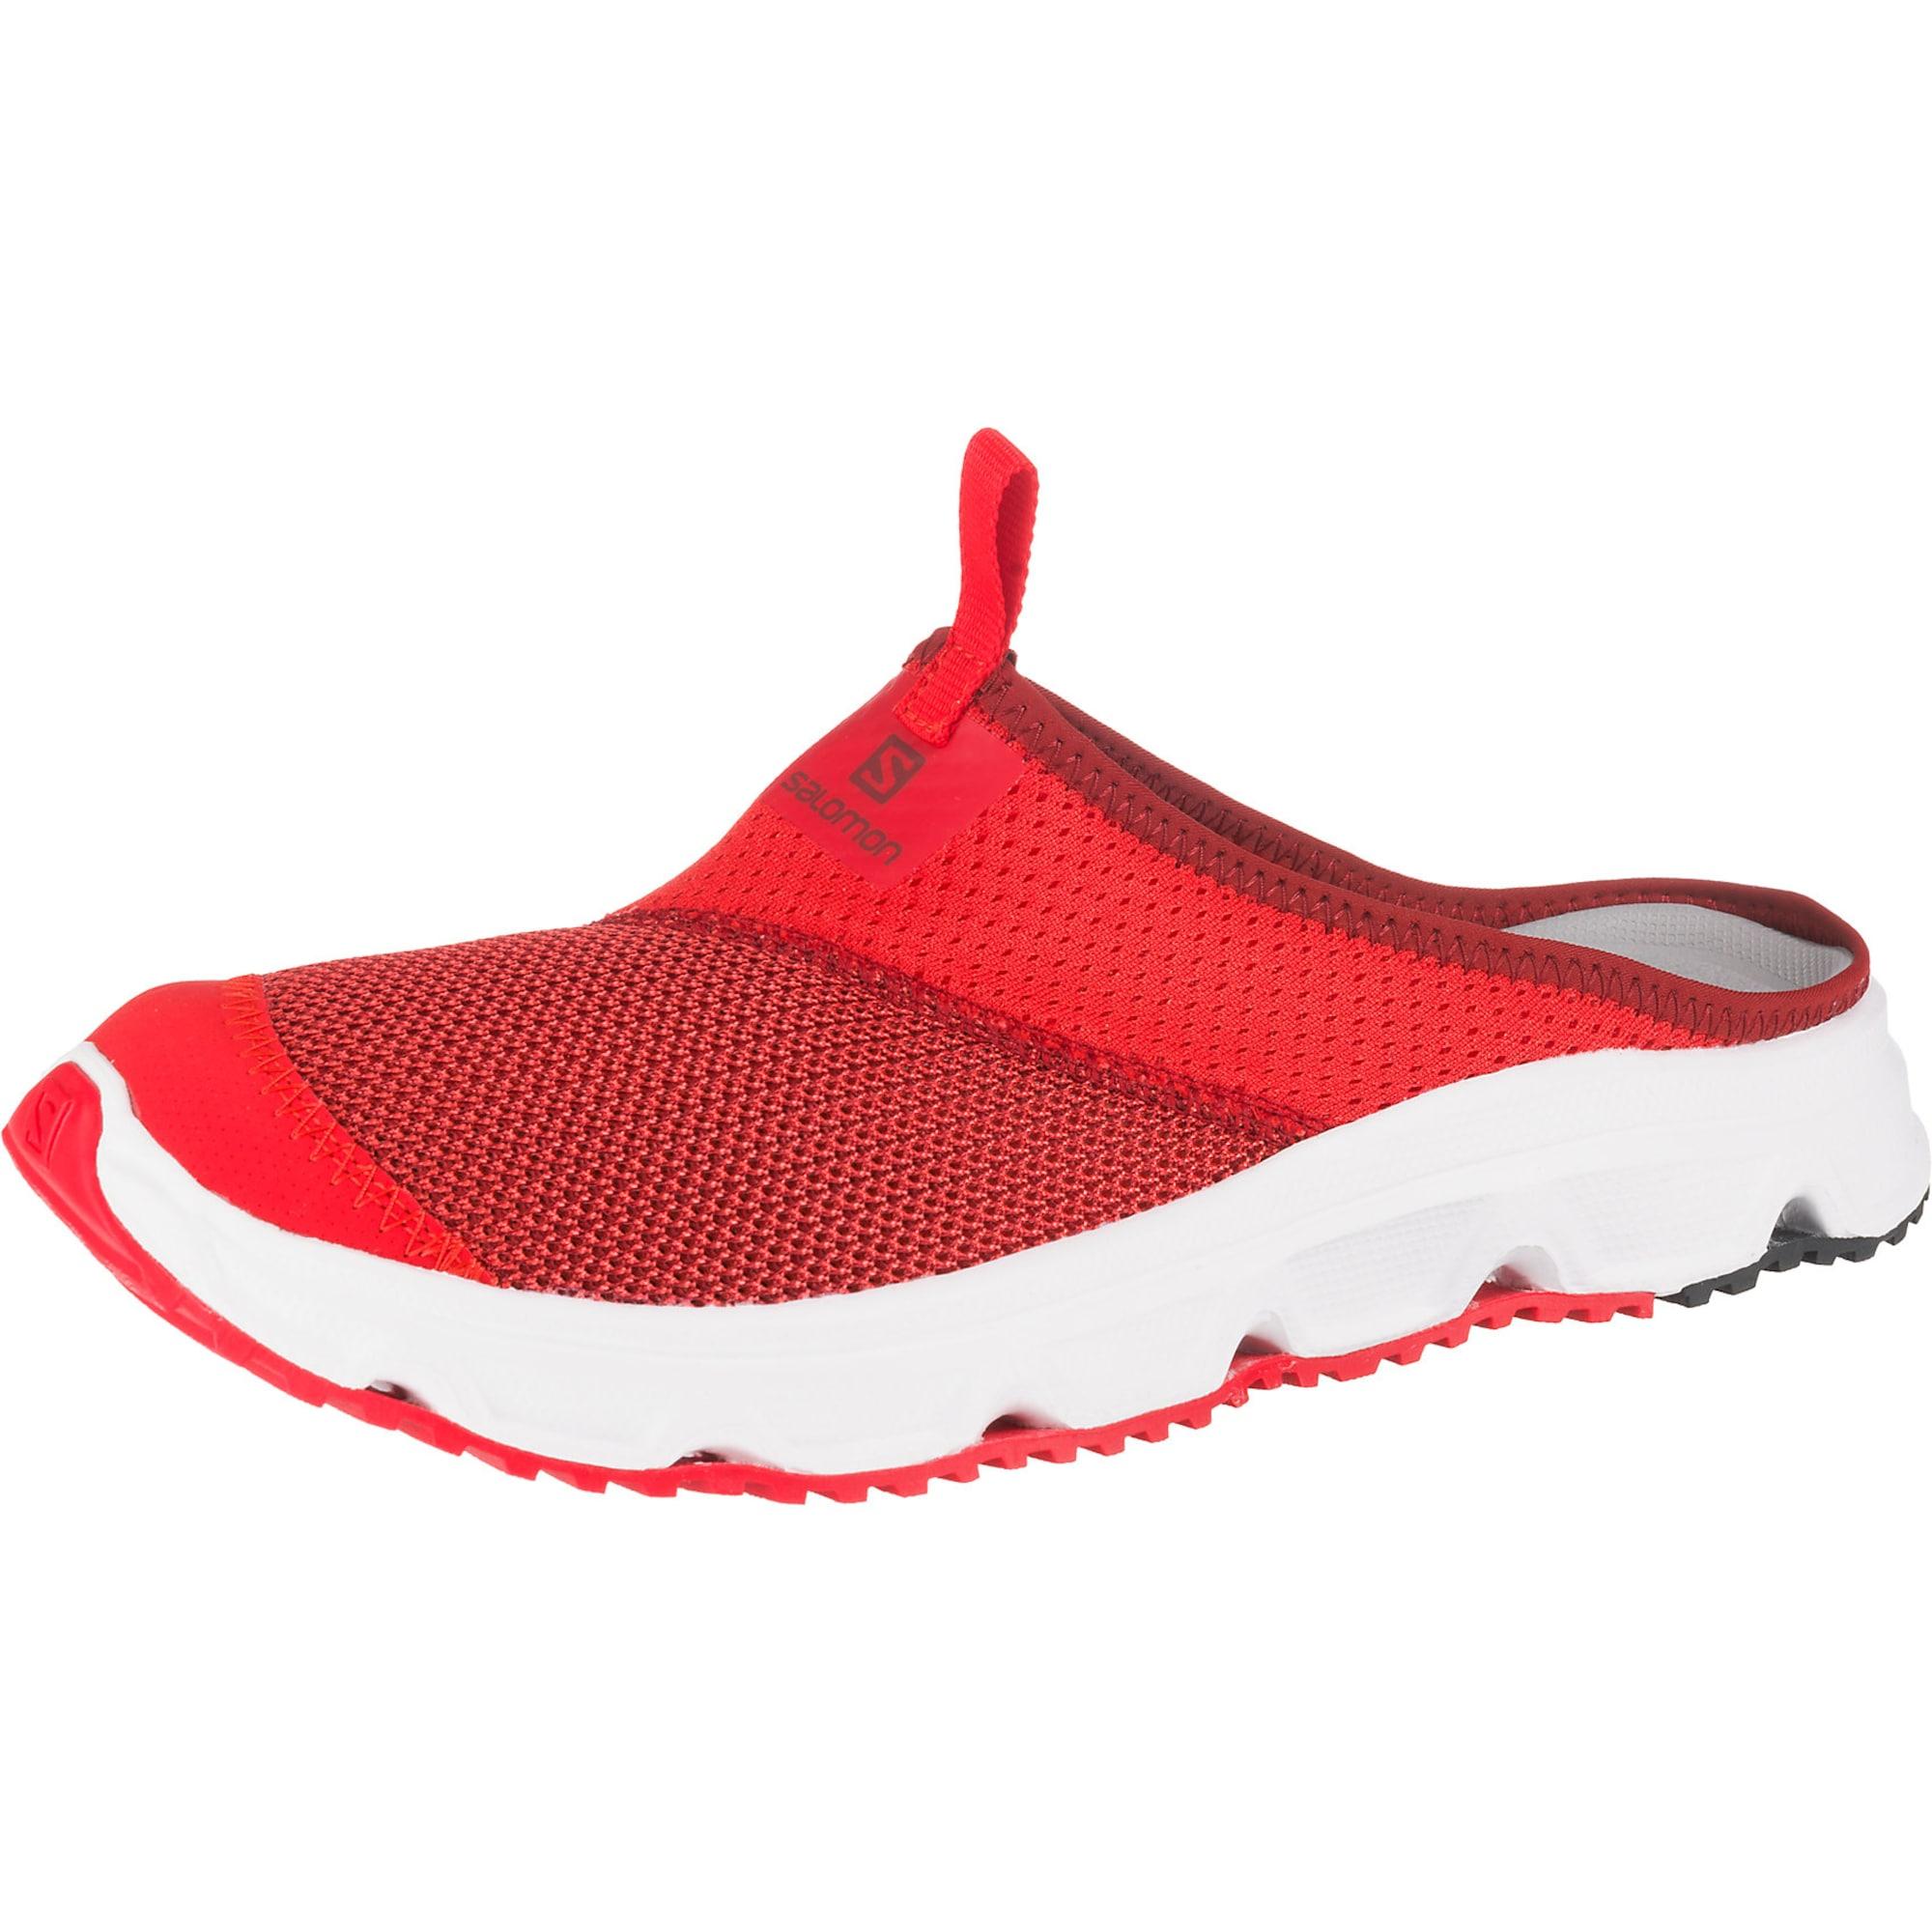 Pantoletten 'Rx Slide 4.0' | Schuhe > Clogs & Pantoletten > Pantoletten | SALOMON